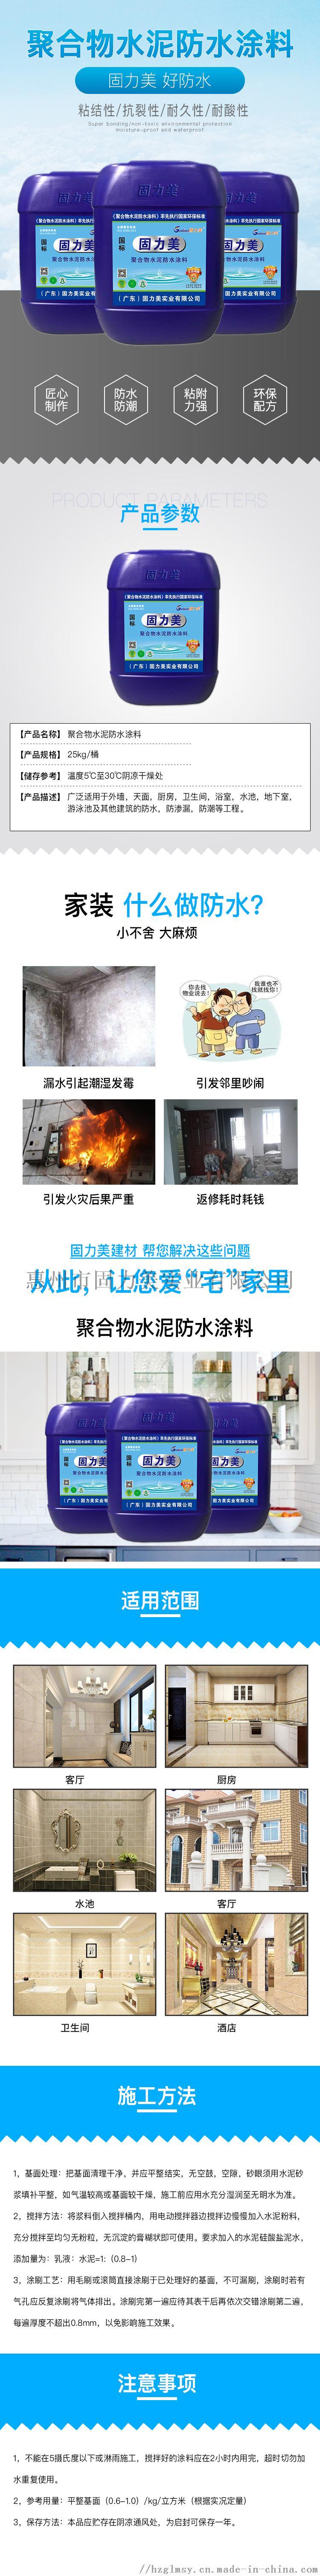 固力美工厂直销水泥基JS聚合物防水涂料151484115